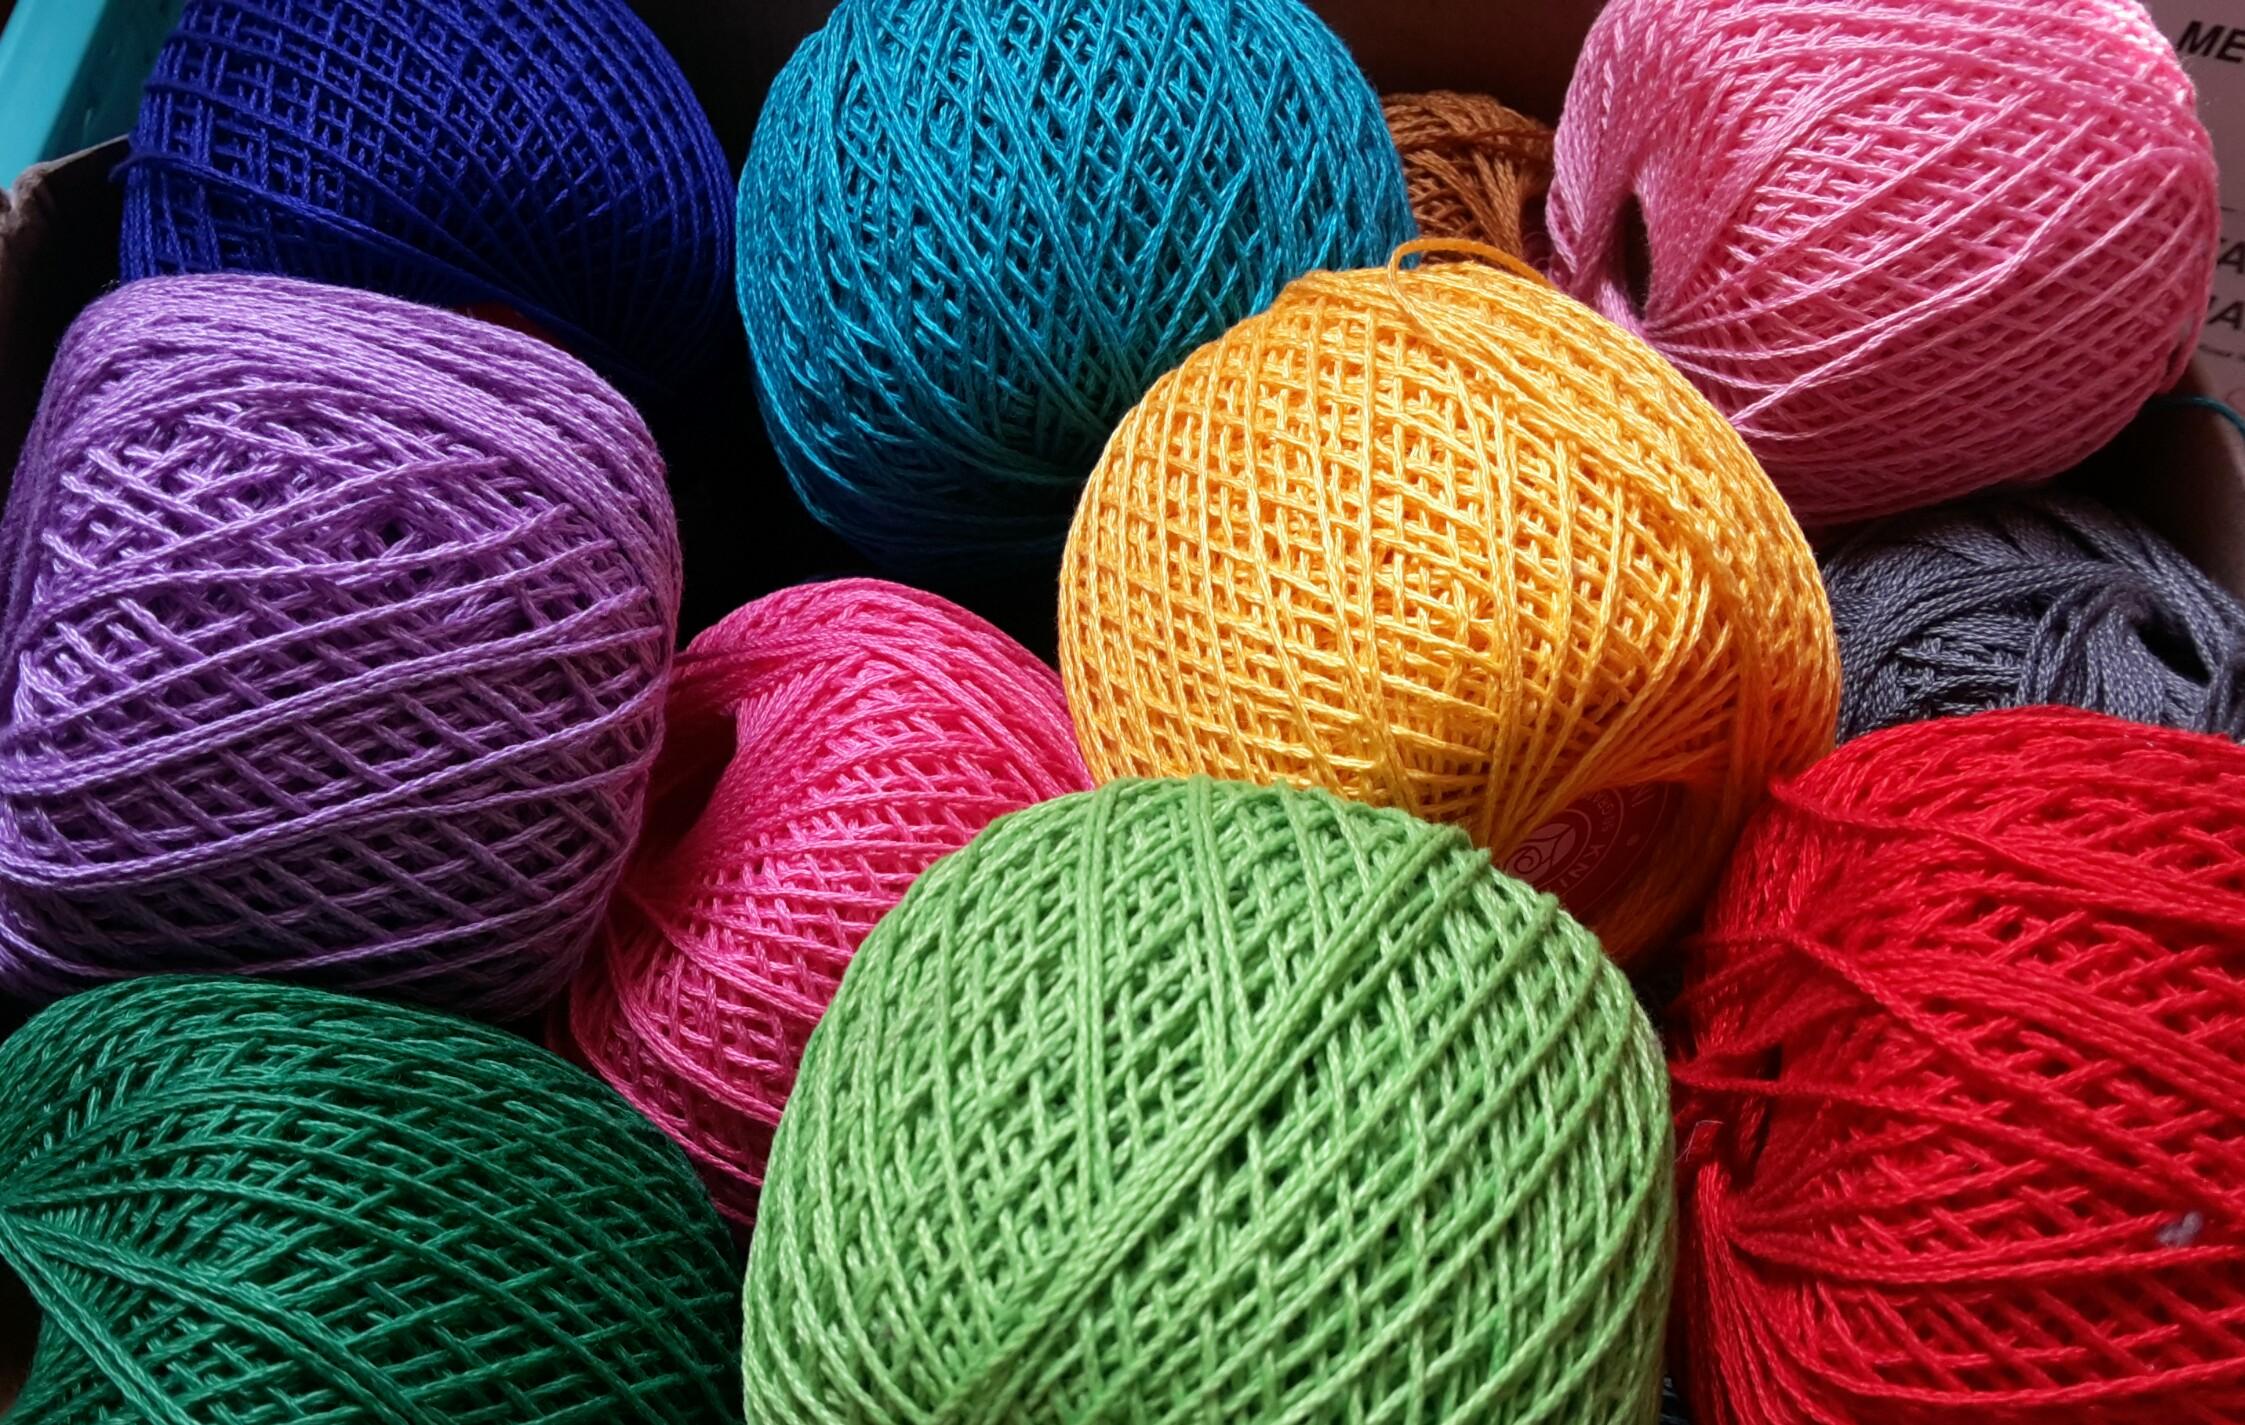 White Rose Knitting Cotton